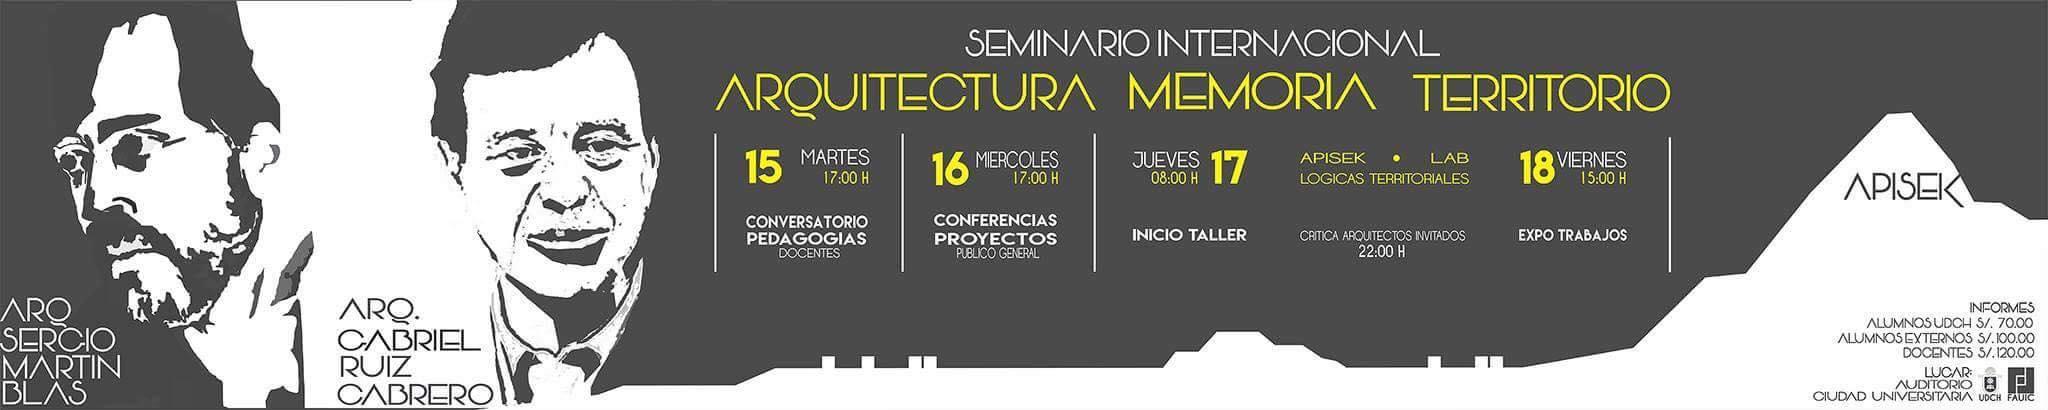 Seminario Arquitectura_Memoria_Territorio